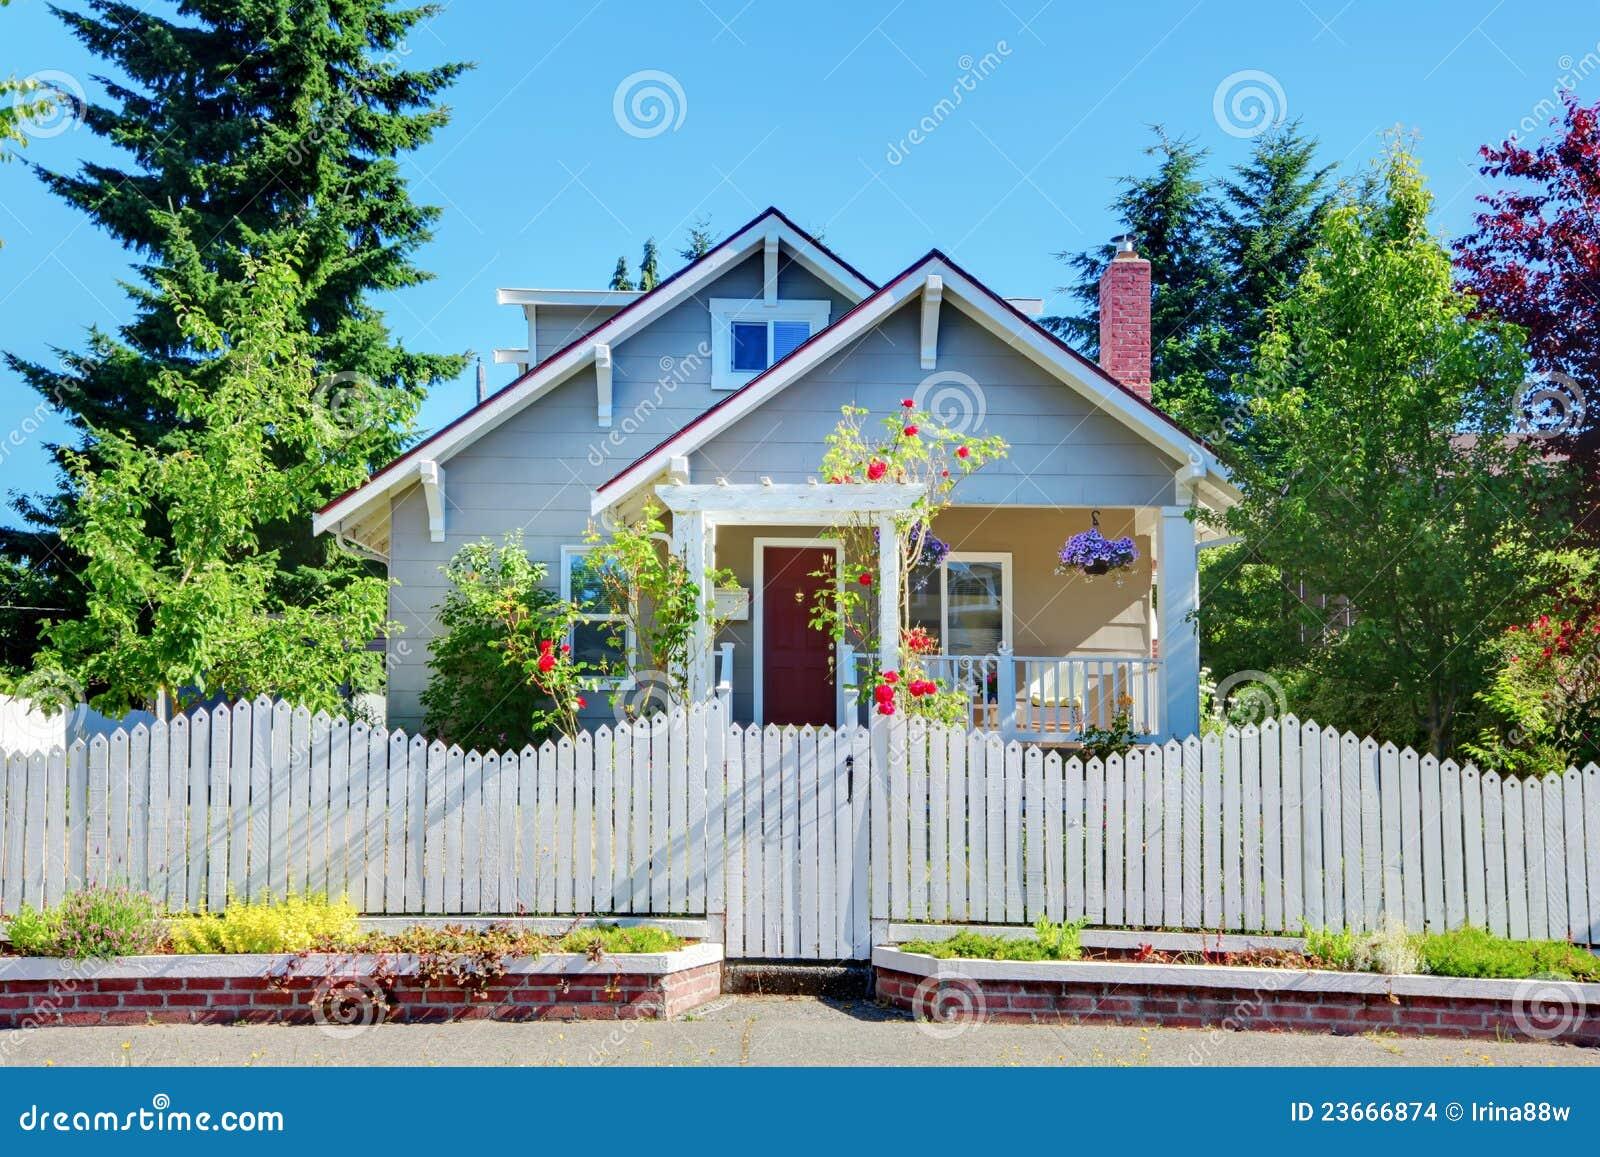 Leuke Ventilator Huis : Grijs klein leuk huis met witte omheining en poorten. stock foto